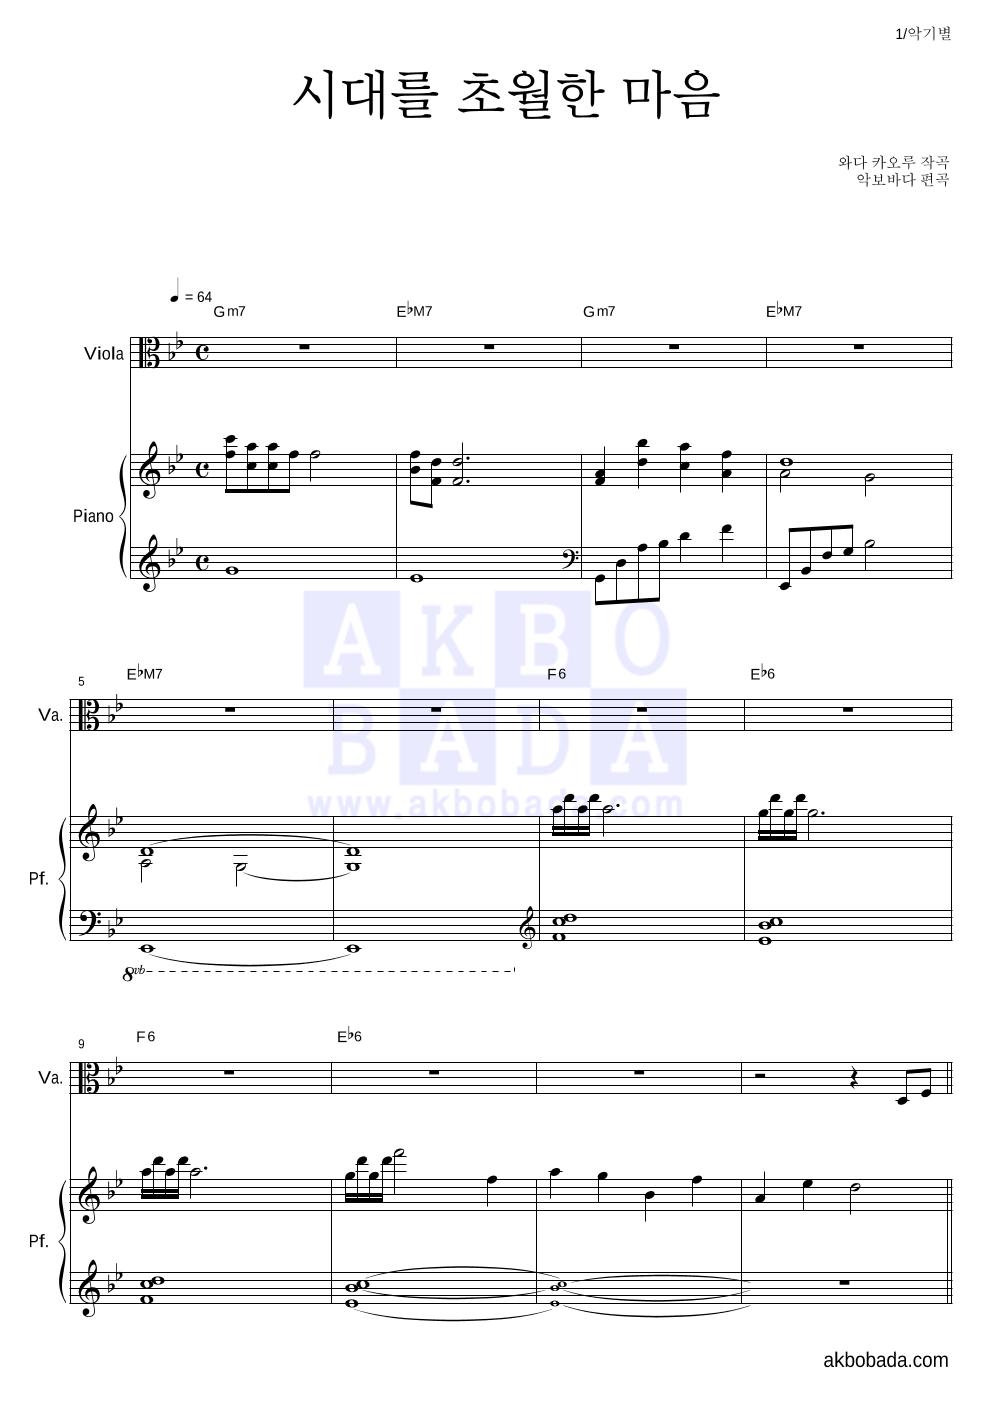 이누야사 OST - 시대를 초월한 마음 비올라&피아노 악보